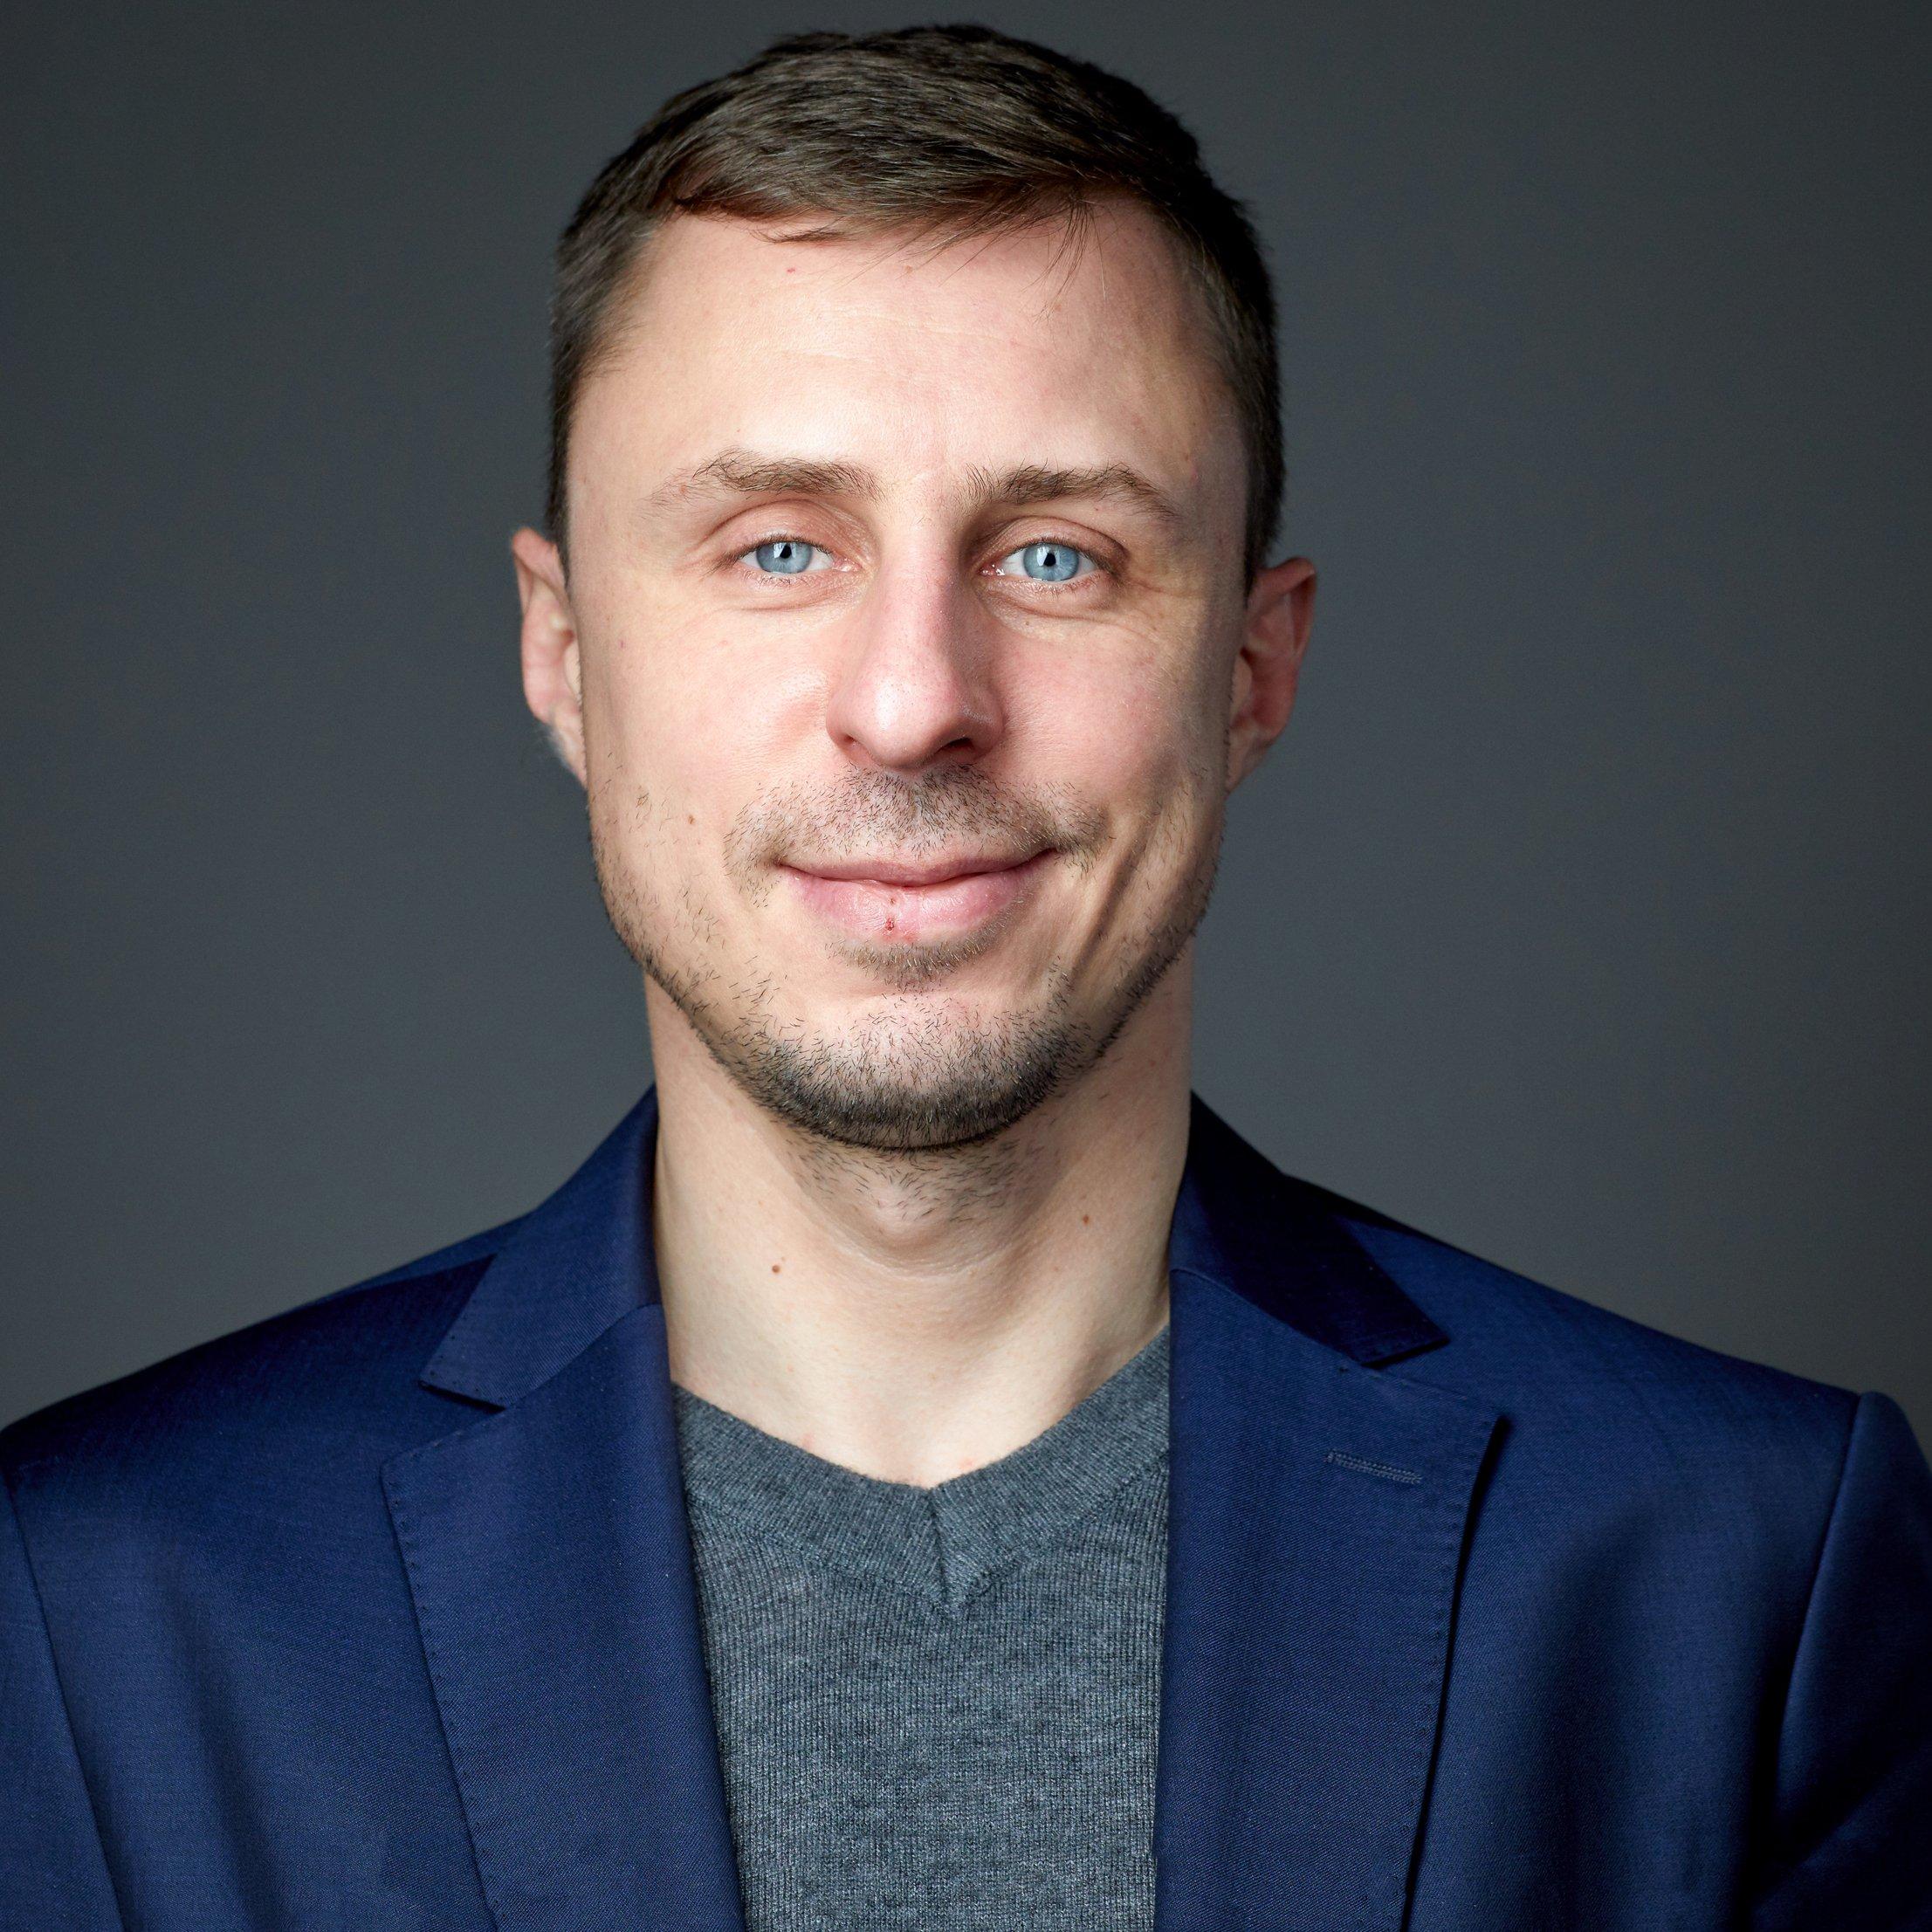 Вячеслав Шлегель, Норникель